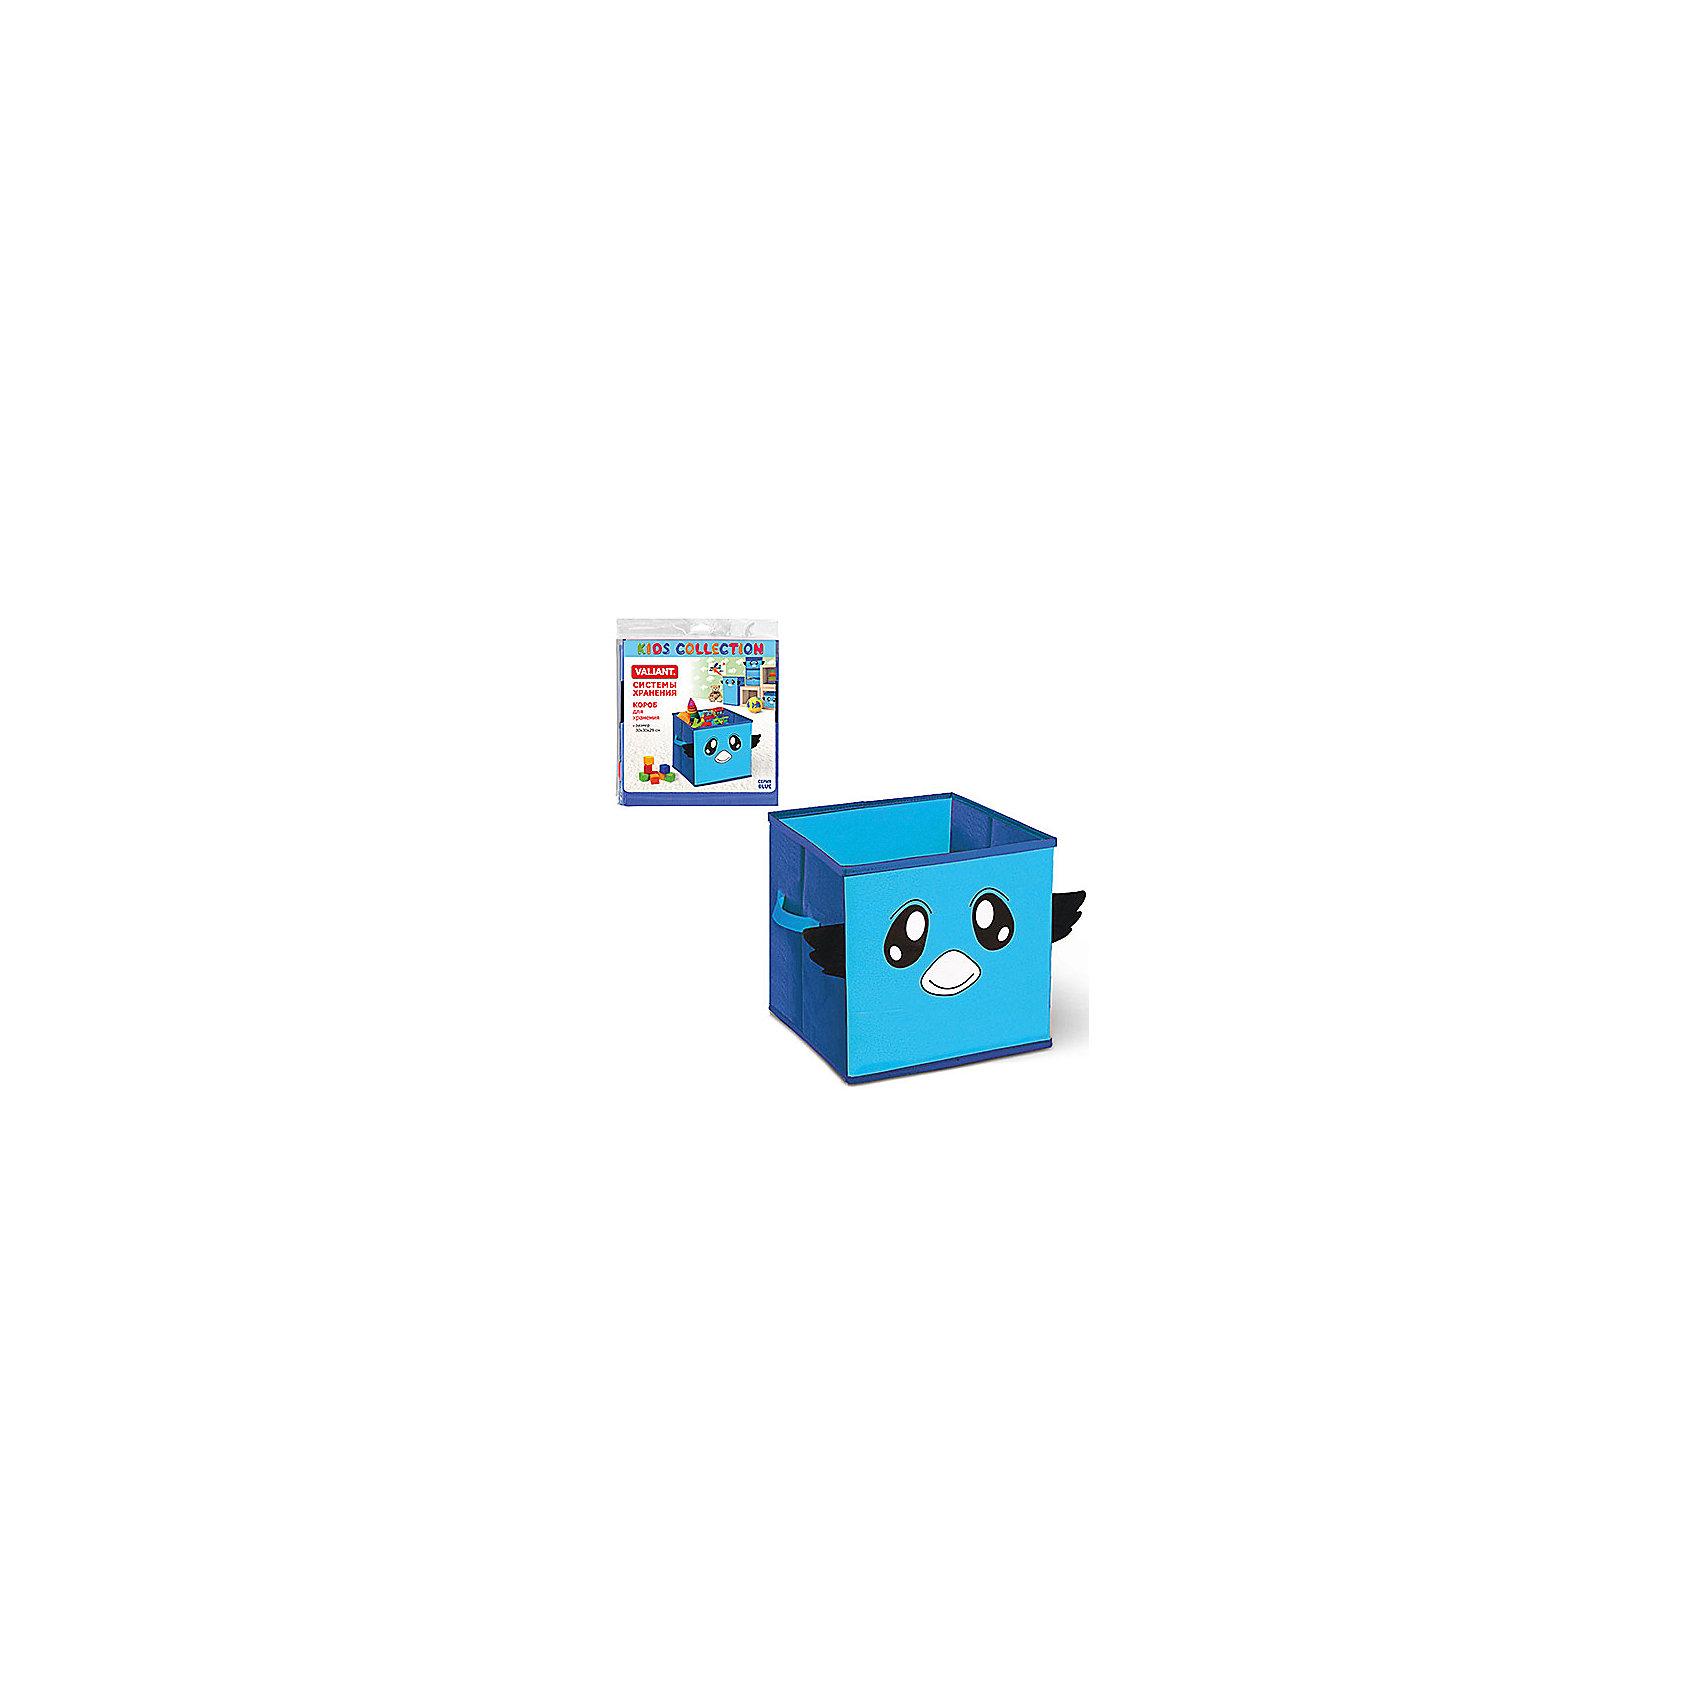 VALIANT Голубой короб для хранения 30*30*29 см купить экран короб в спб адреса